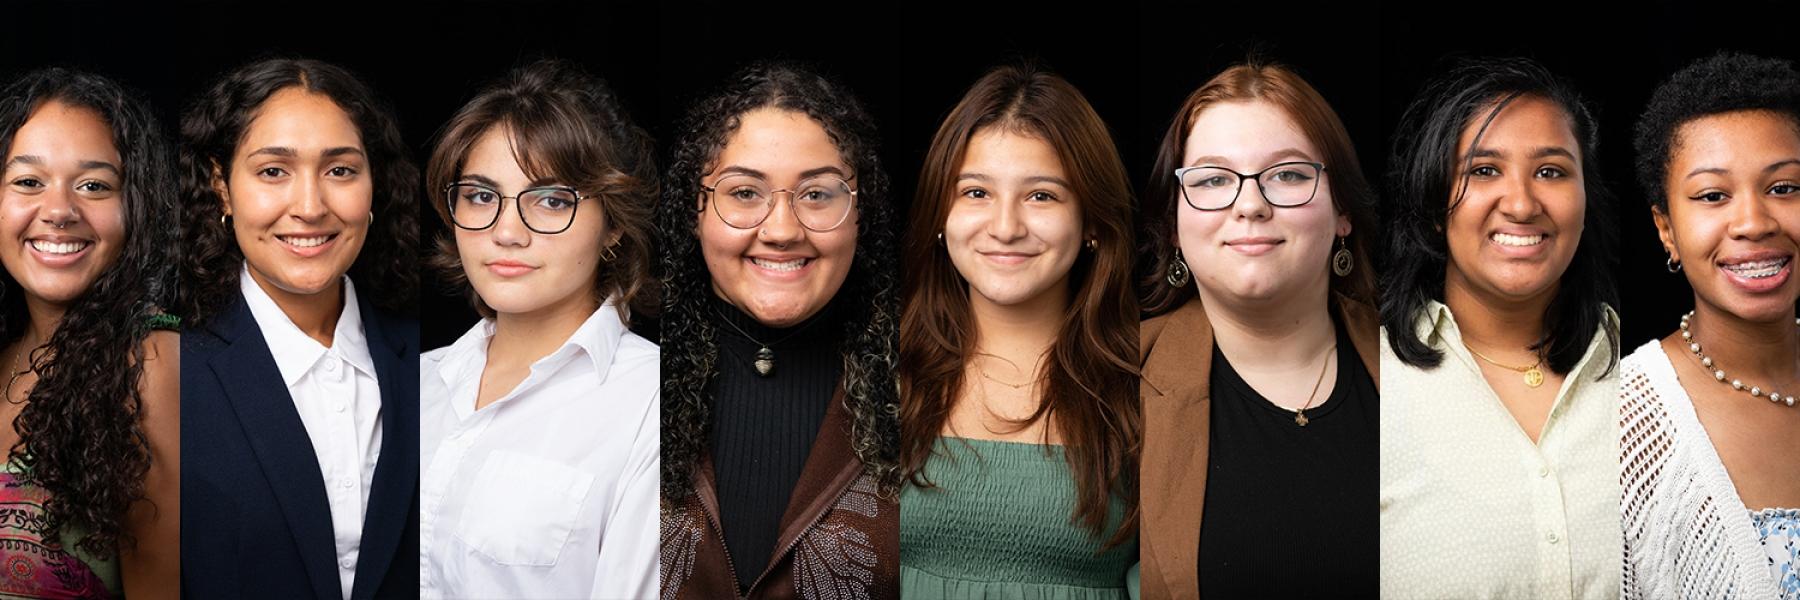 Diversity Scholars